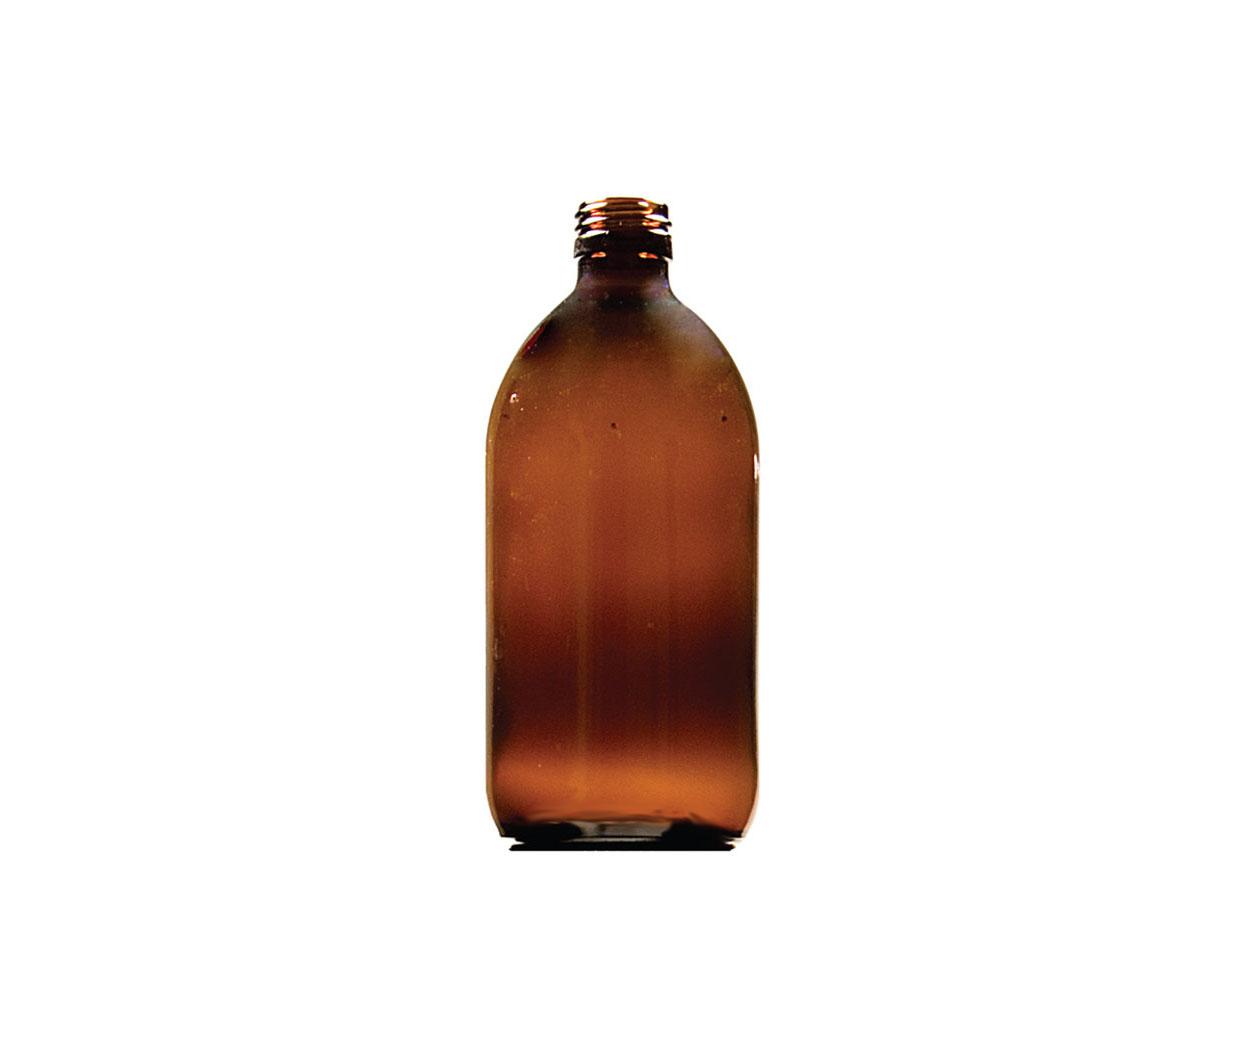 Lightweight 60ml Round Glass Medicine Bottle - Pack of 132